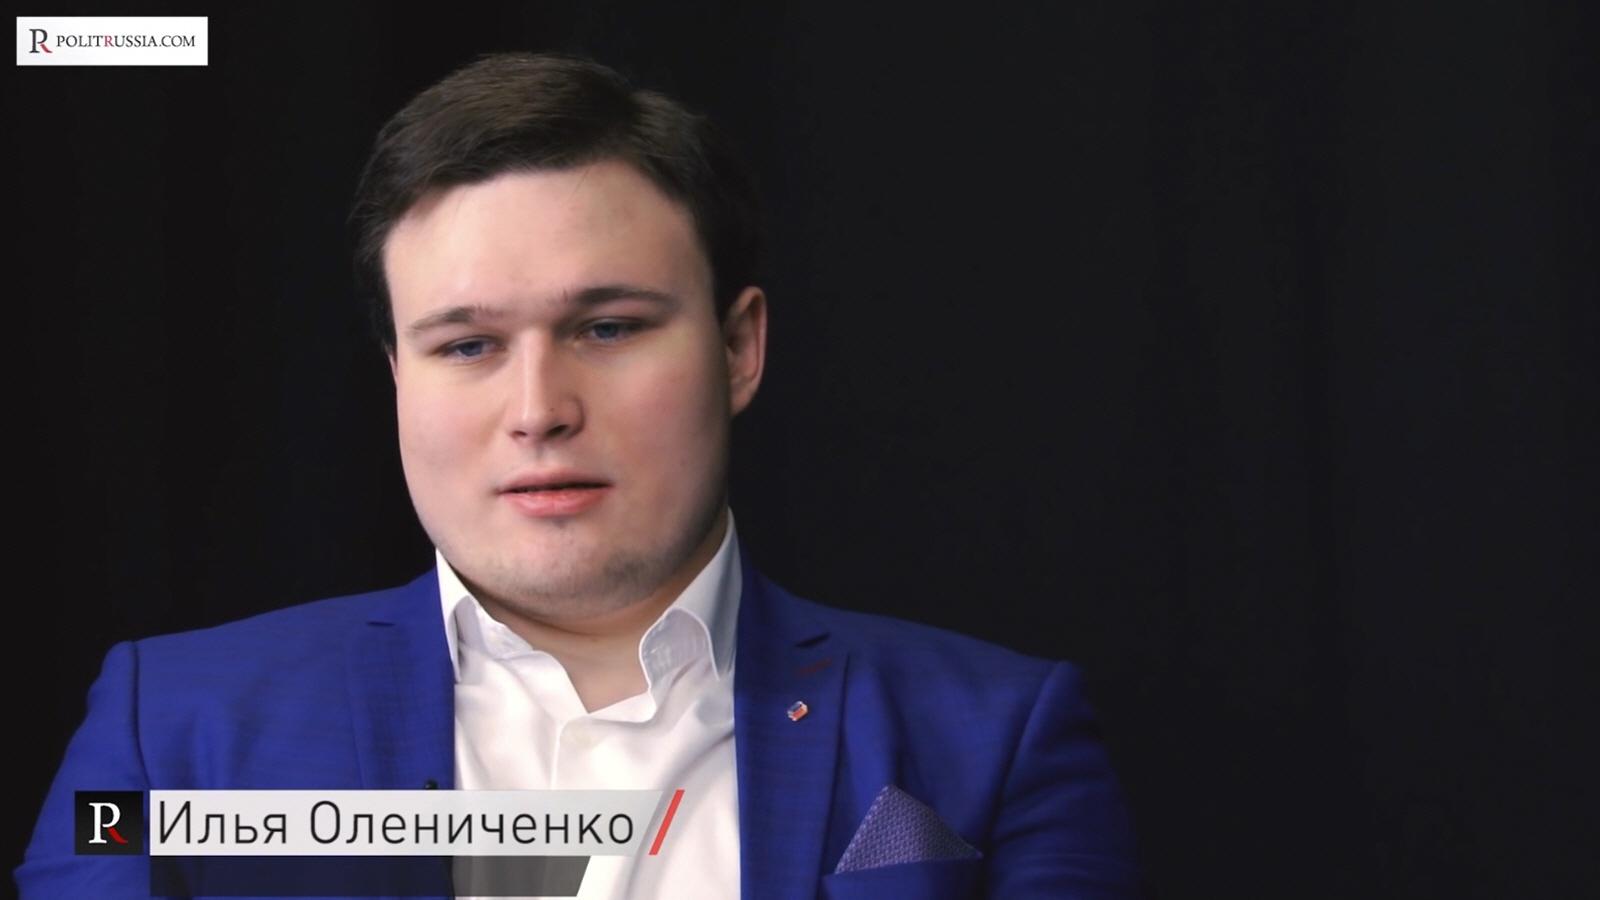 Илья Олениченко - руководитель молодёжного движения Сила